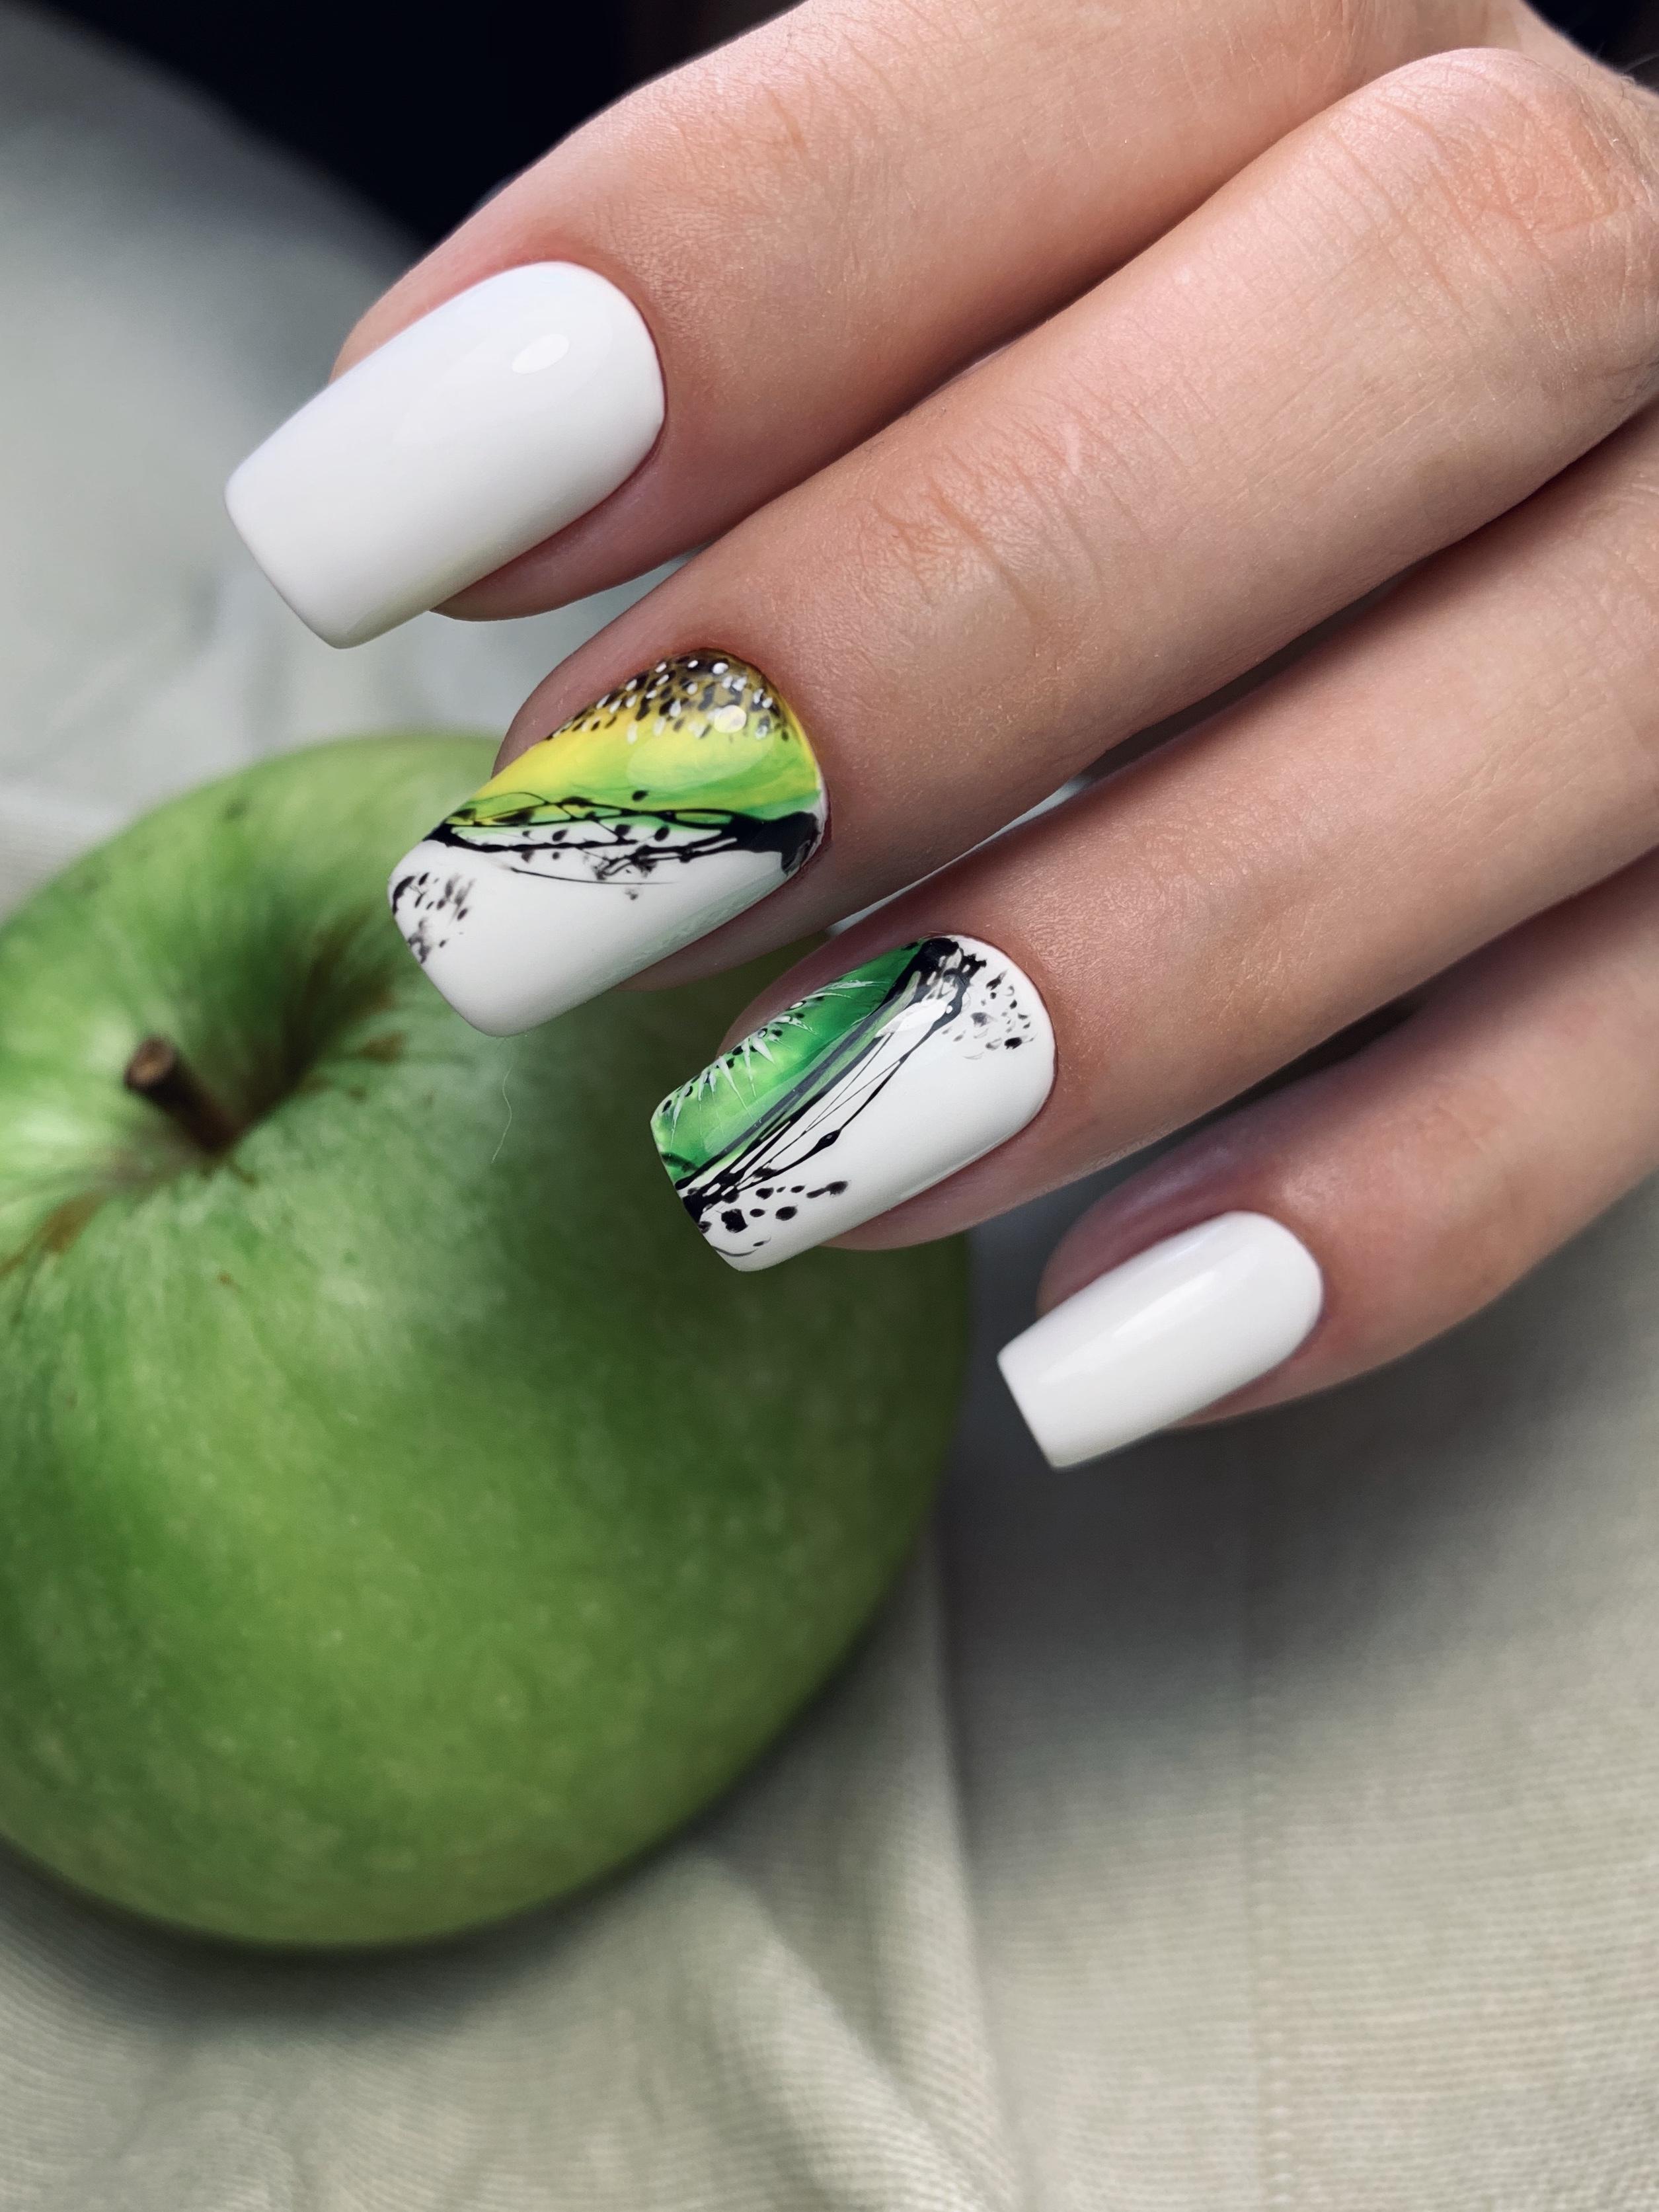 Маникюр с фруктовым рисунком и паутинкой в белом цвете на короткие ногти.